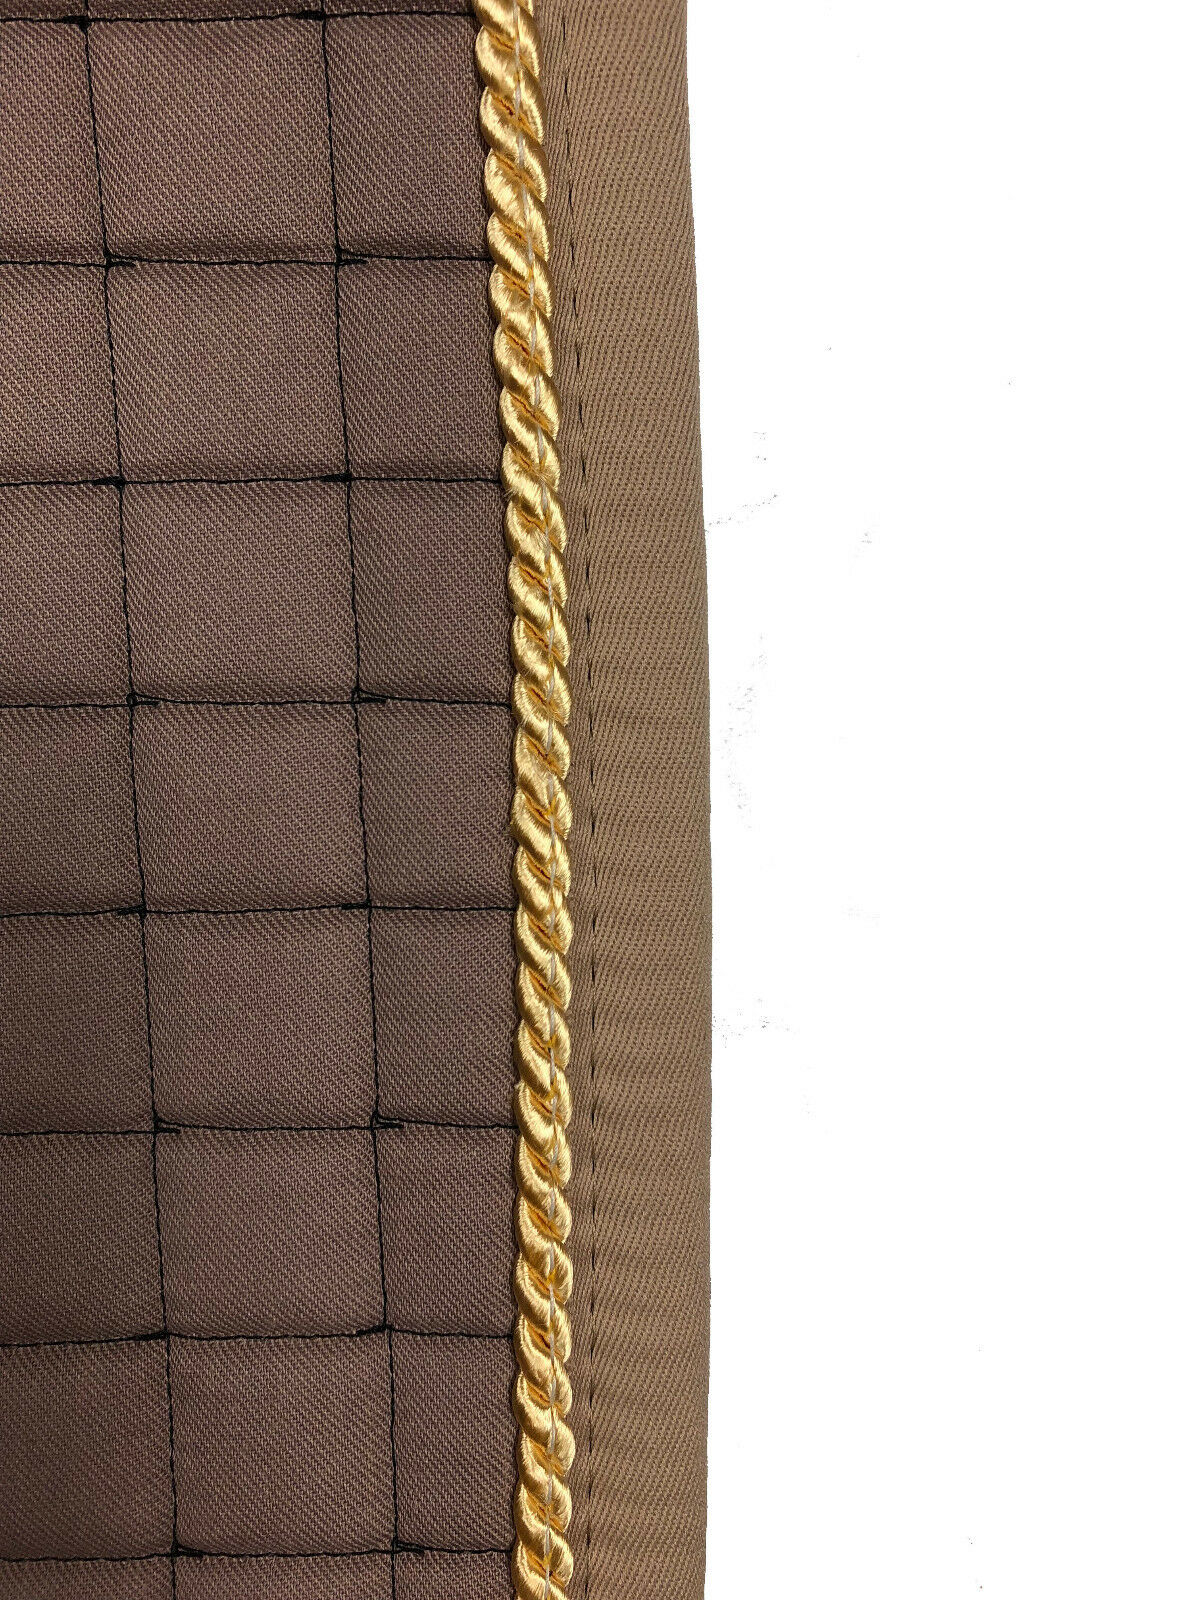 Schabracke Dressurschabracke mit mit mit polsterbaren Taschen walnuß auch mit Lammfell 7c13ee